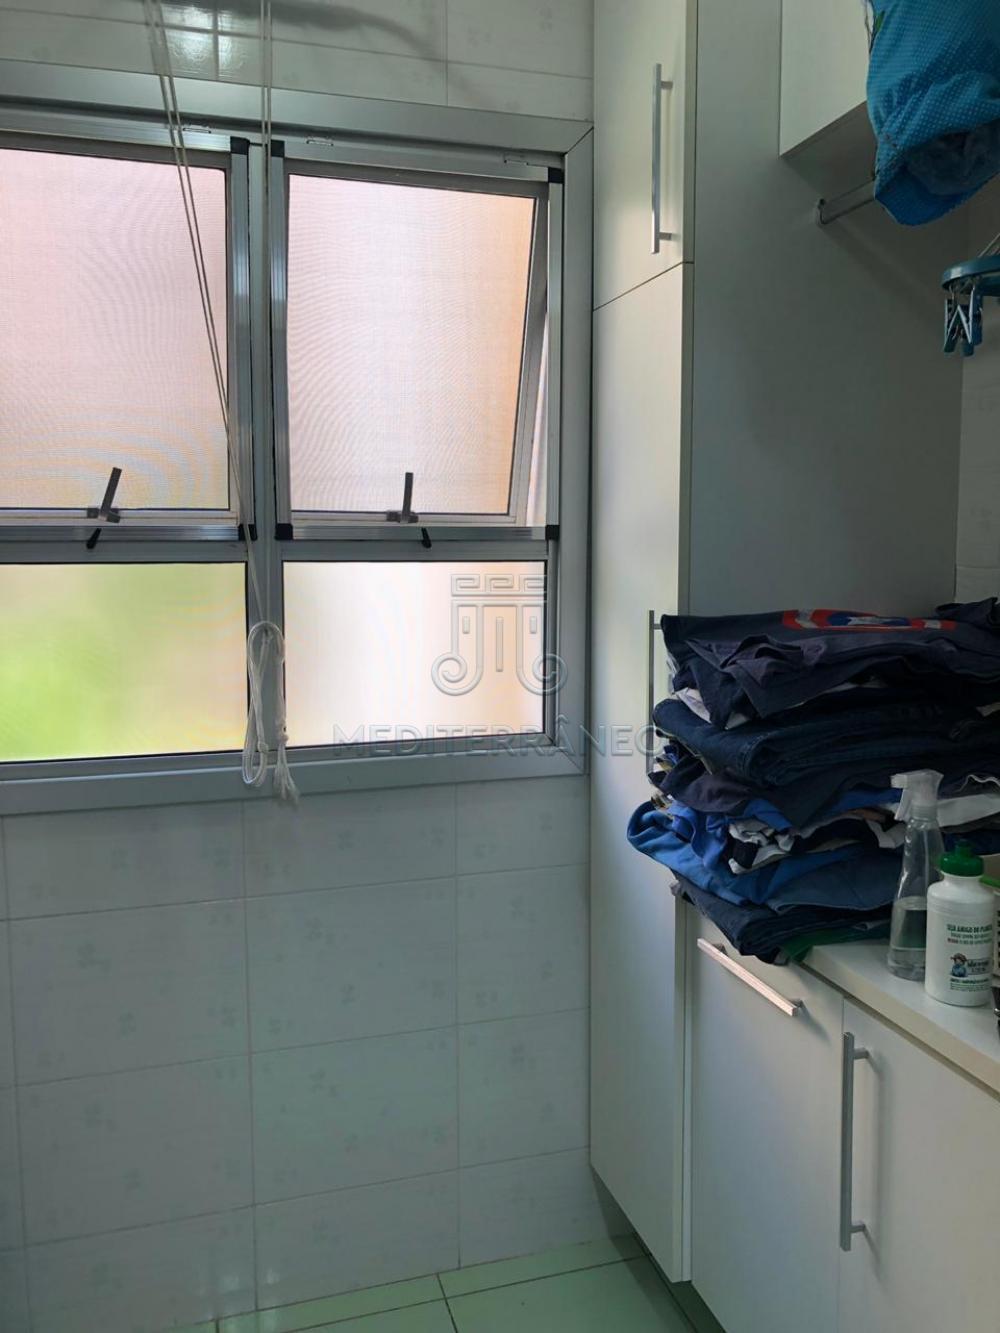 Comprar Apartamento / Padrão em Jundiaí apenas R$ 250.000,00 - Foto 26